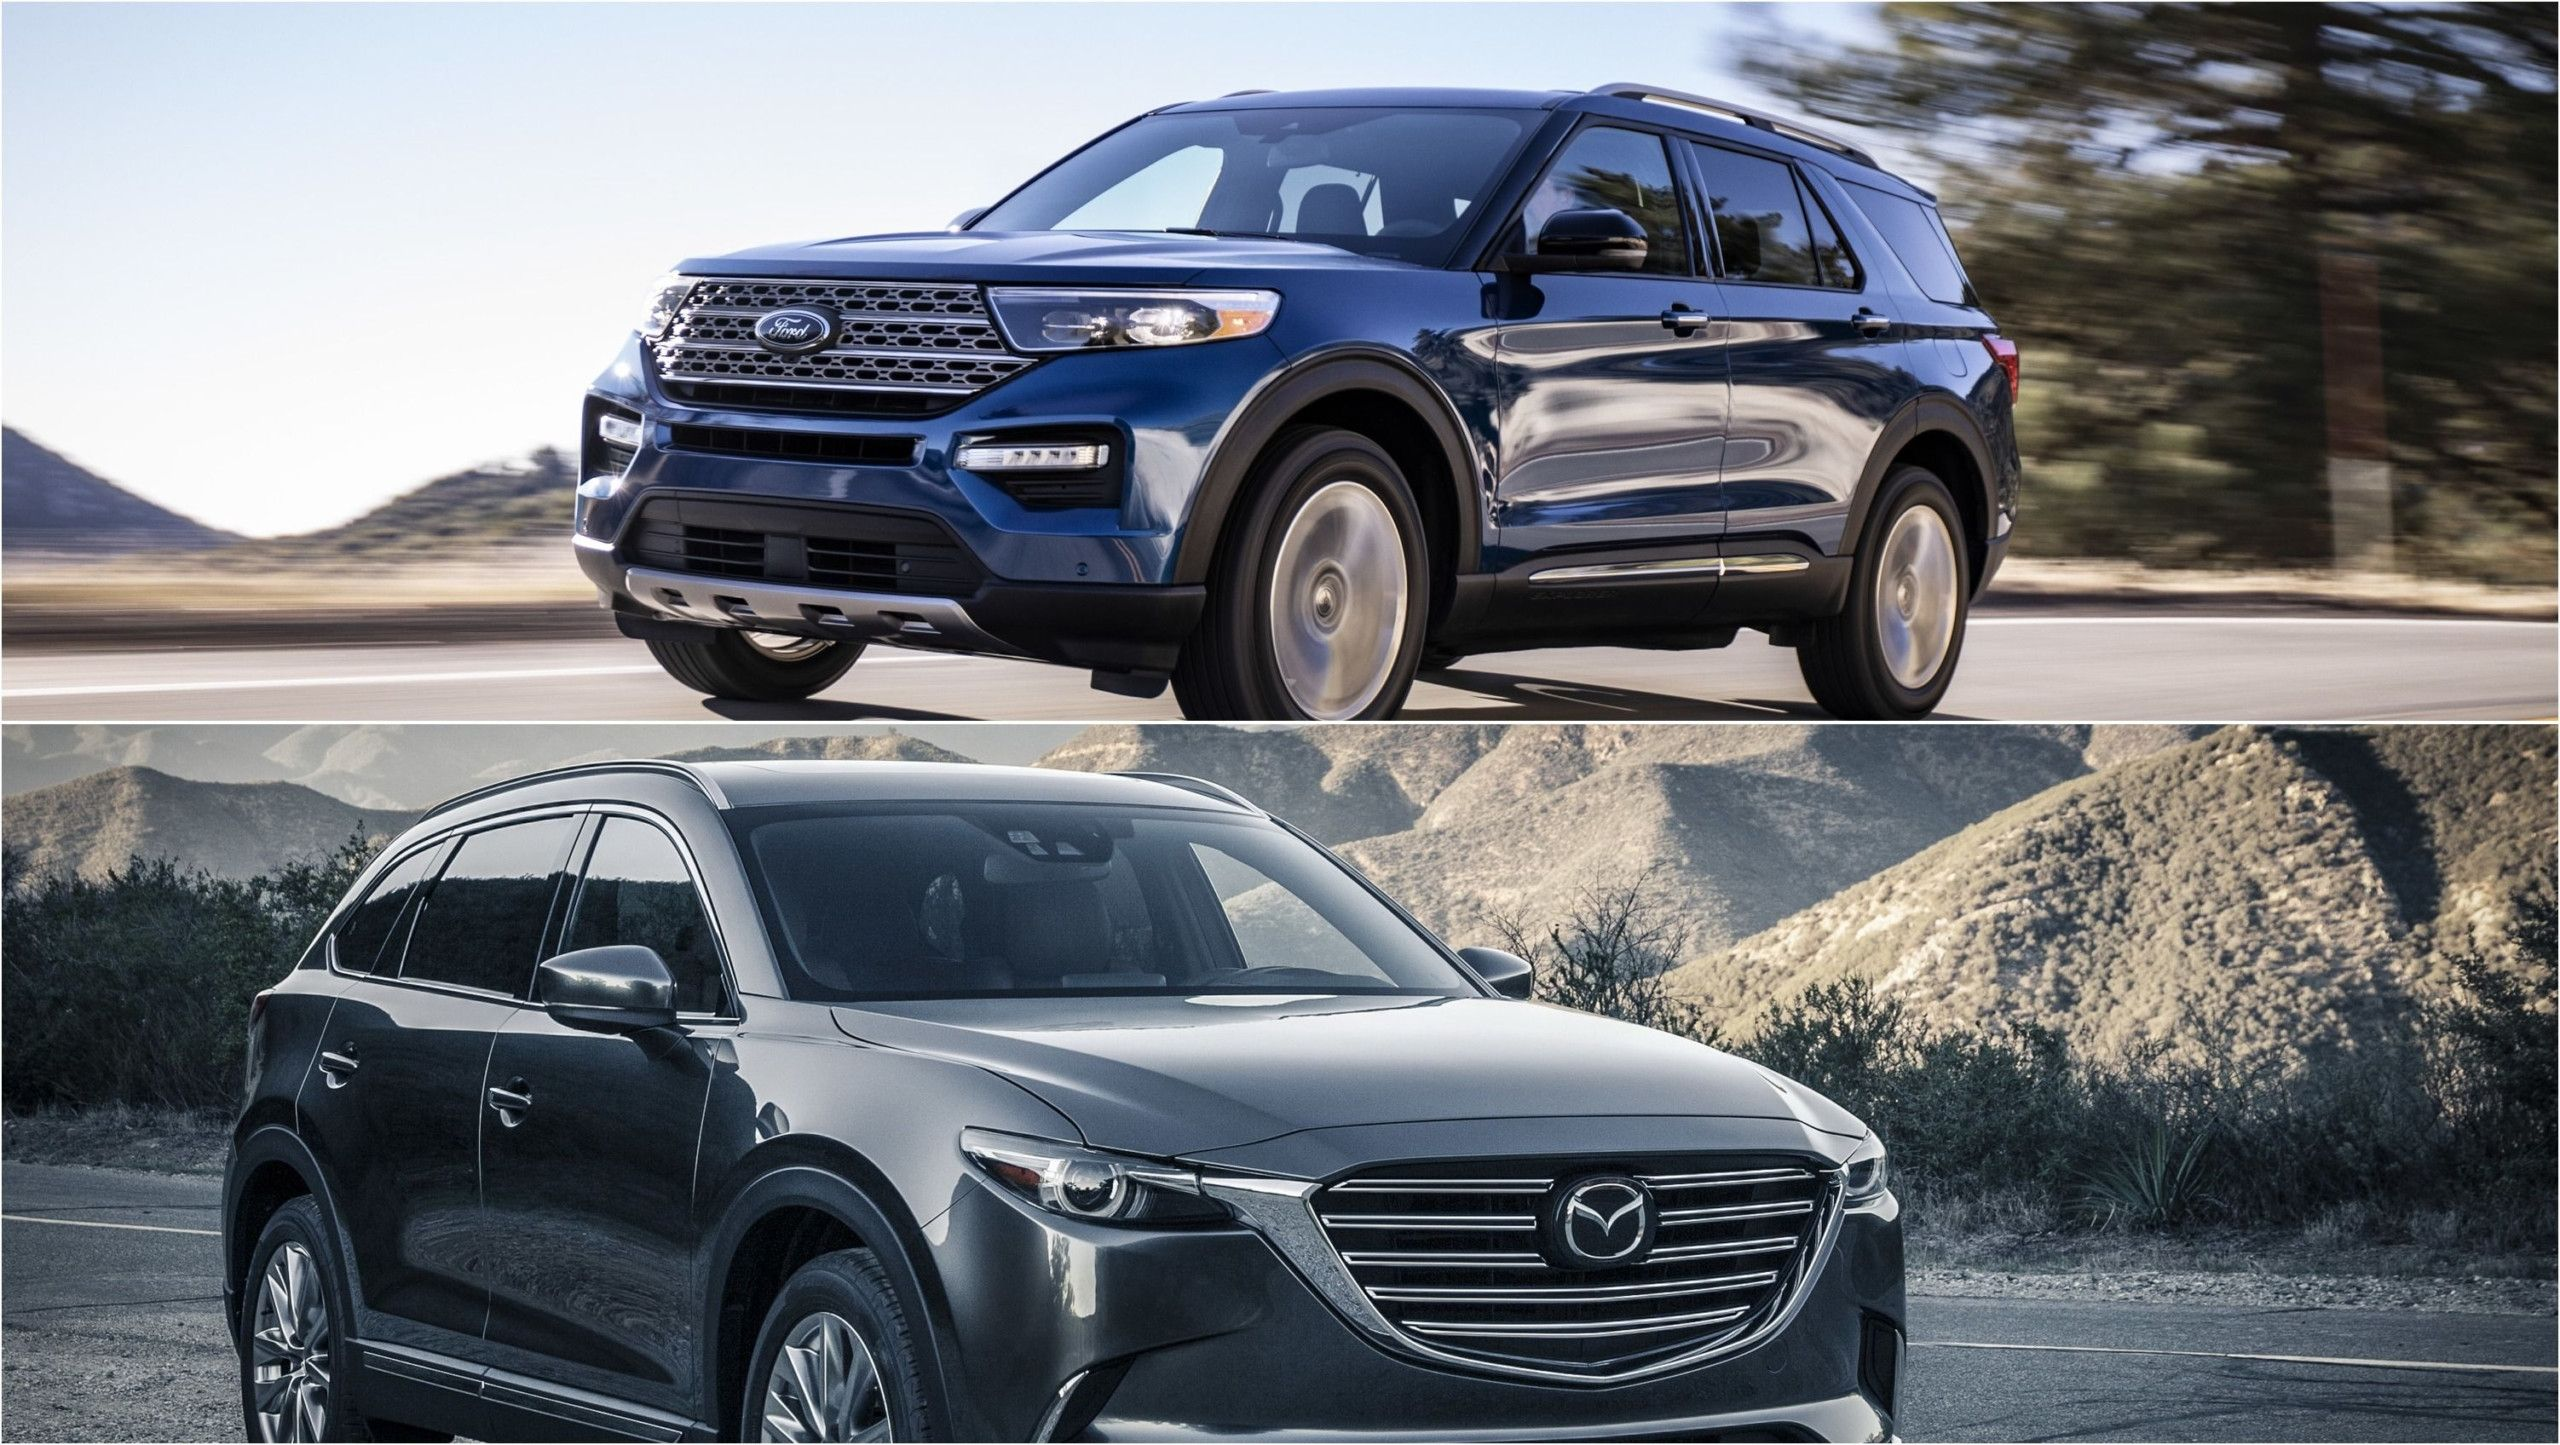 Mazda 2021 Colors Picture In 2020 Ford Explorer Mazda Cx 9 Mazda Cx 7